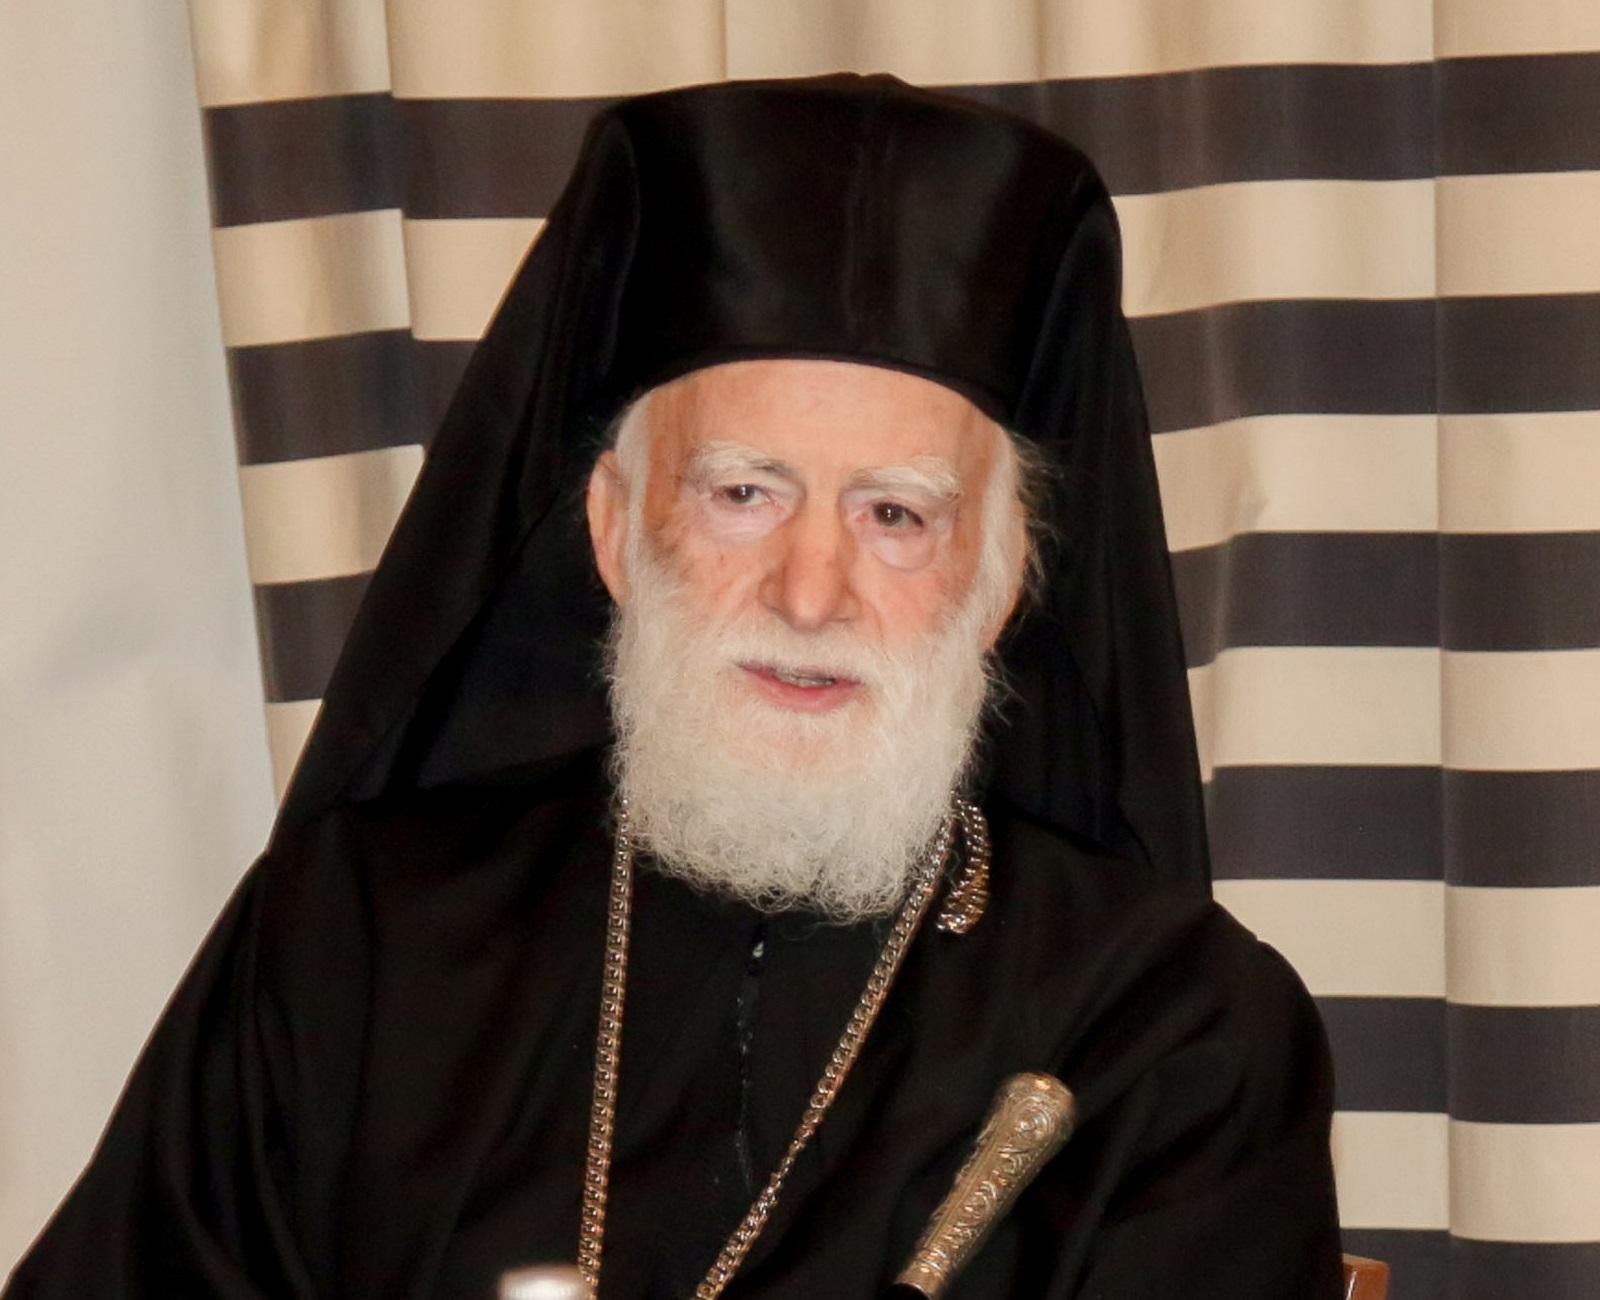 Ηράκλειο: Σήκωσε πυρετό και παραμένει στην εντατική ο Αρχιεπίσκοπος Κρήτης Ειρηναίος!